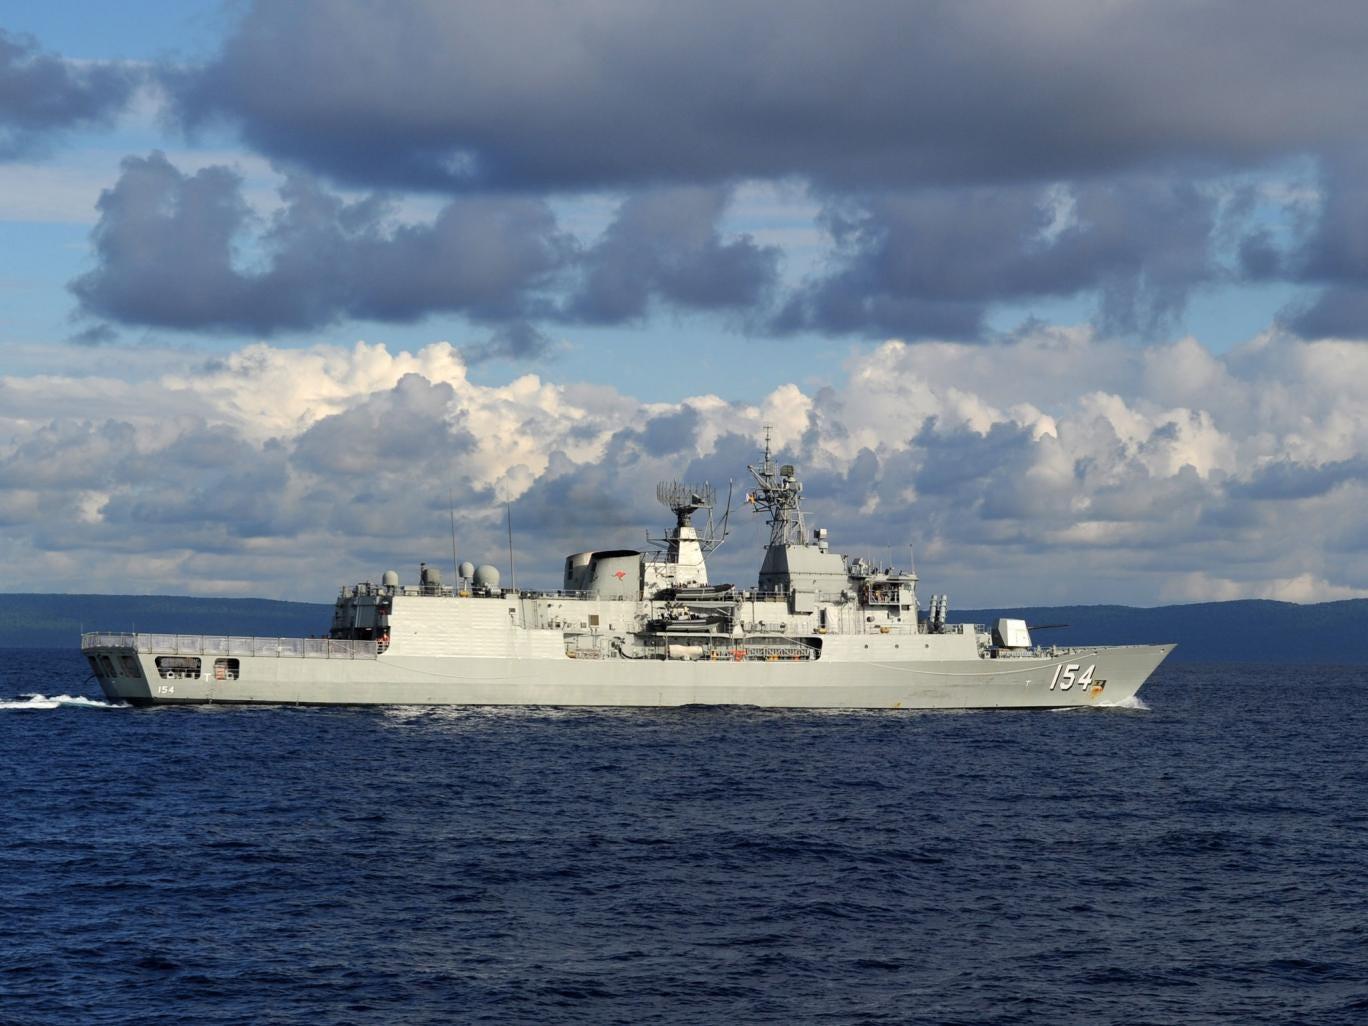 HMAS Parramatta, an Australian Navy ship that came to the rescue